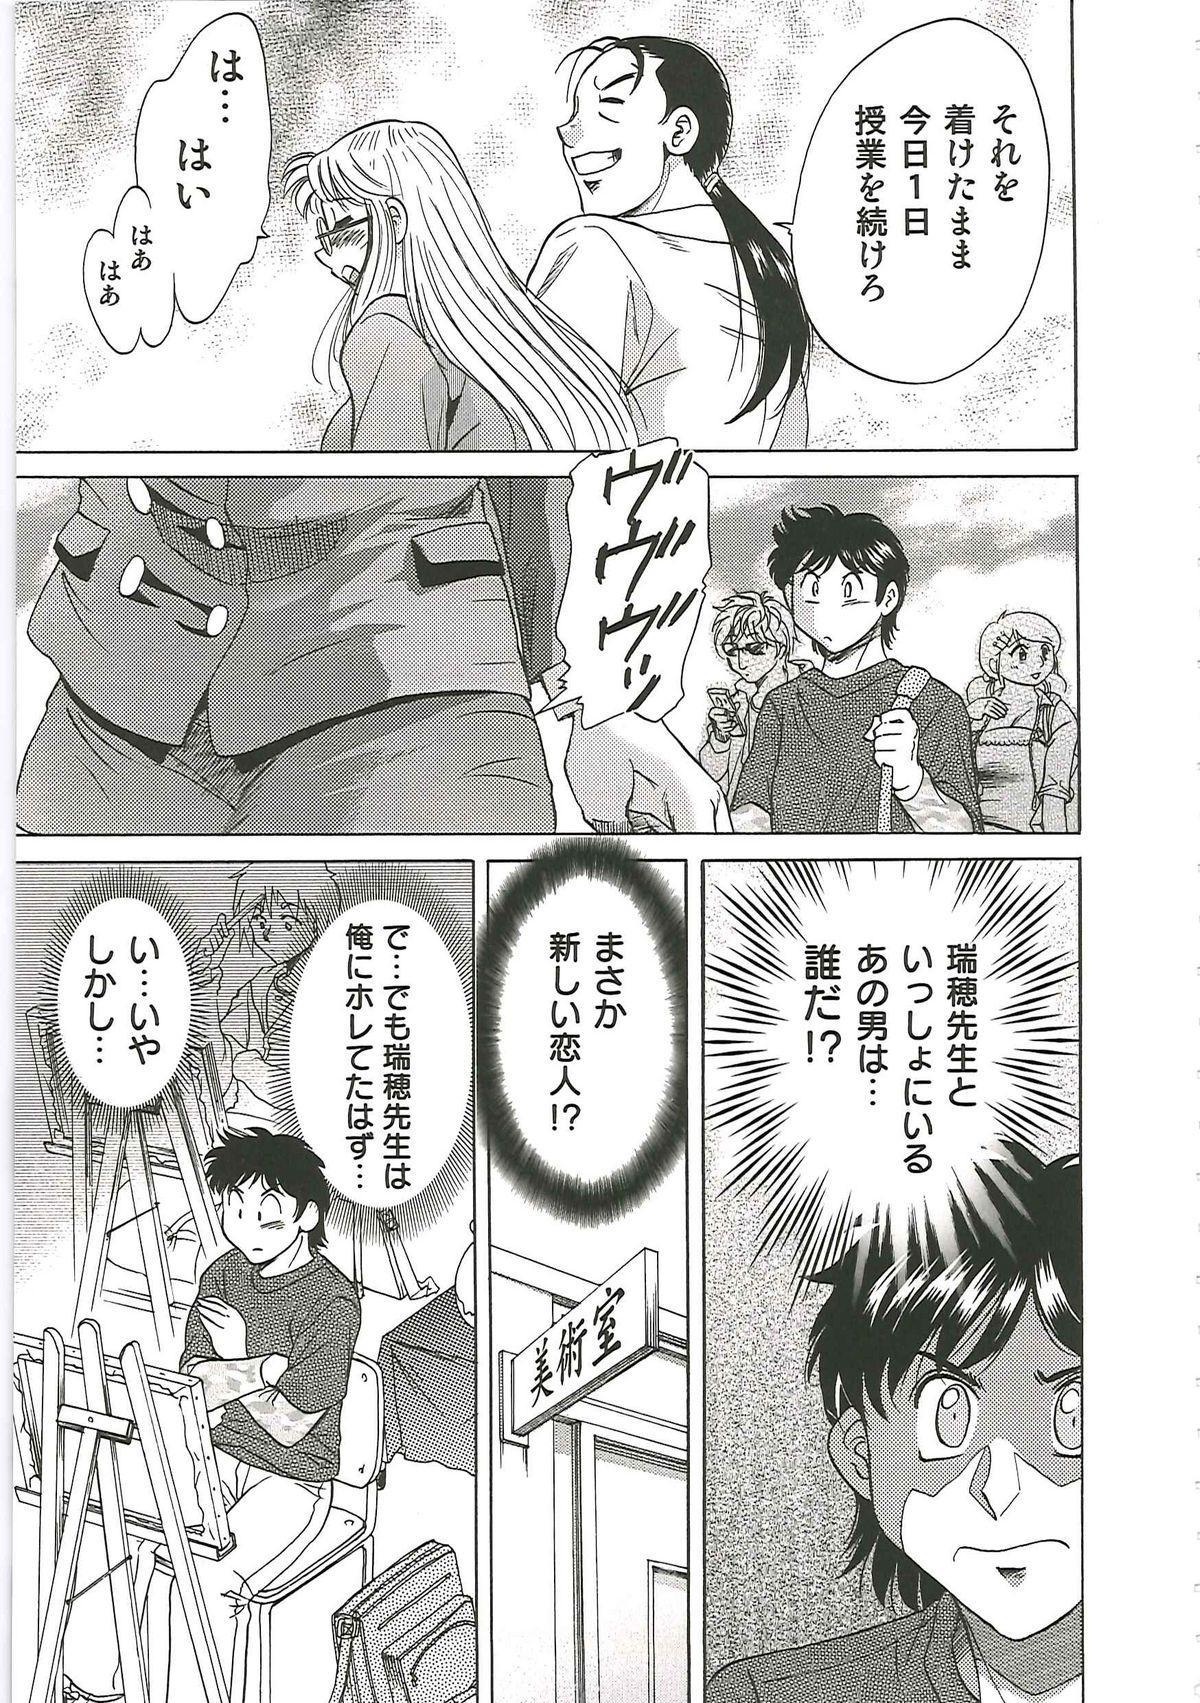 [Chanpon Miyabi] Cho-Onesan Tengoku 6 -Tenrakuhen- 140